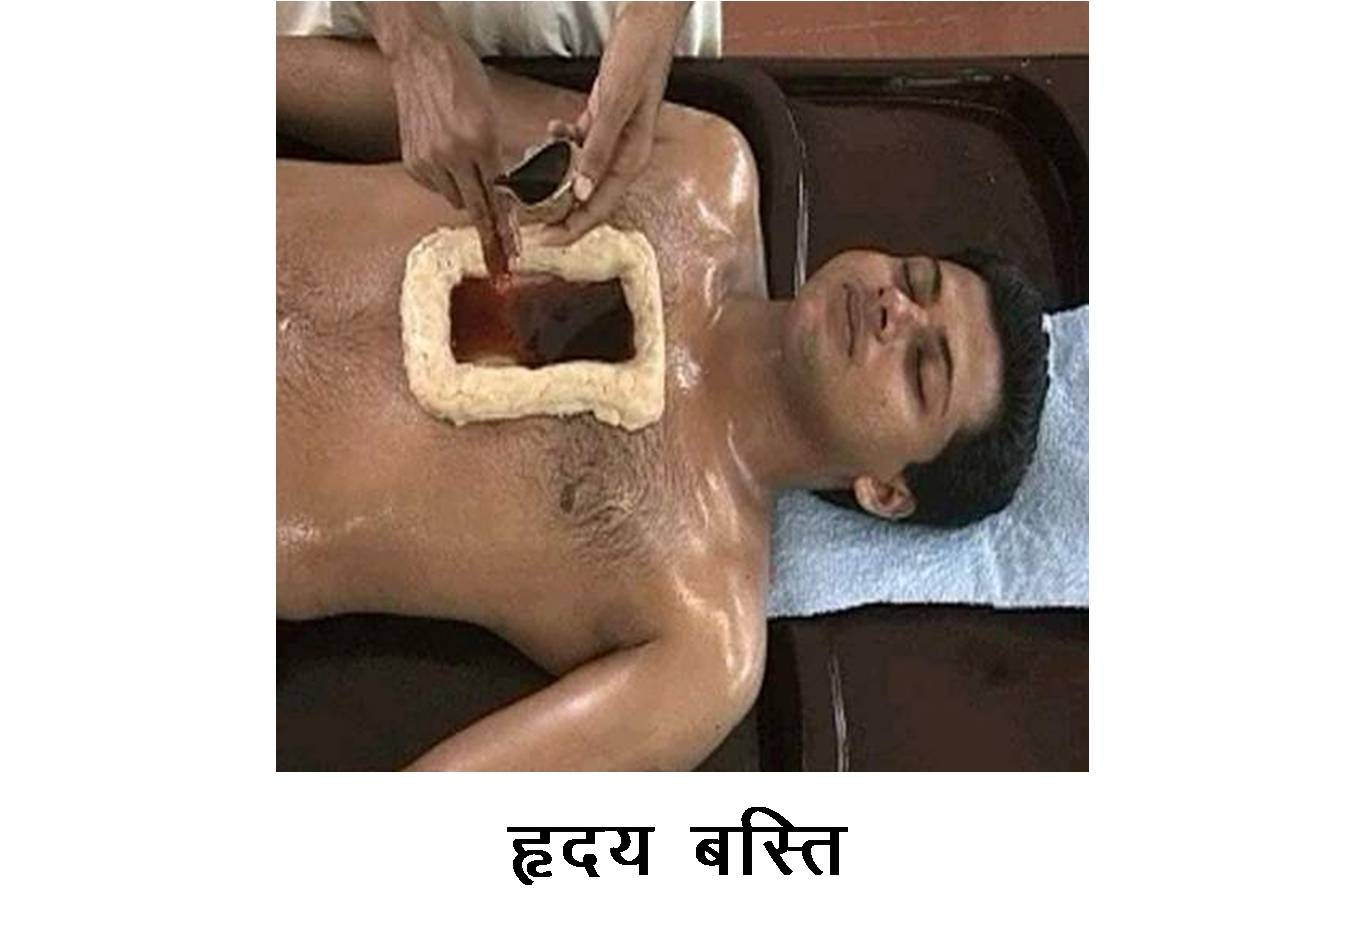 hridaya-basti